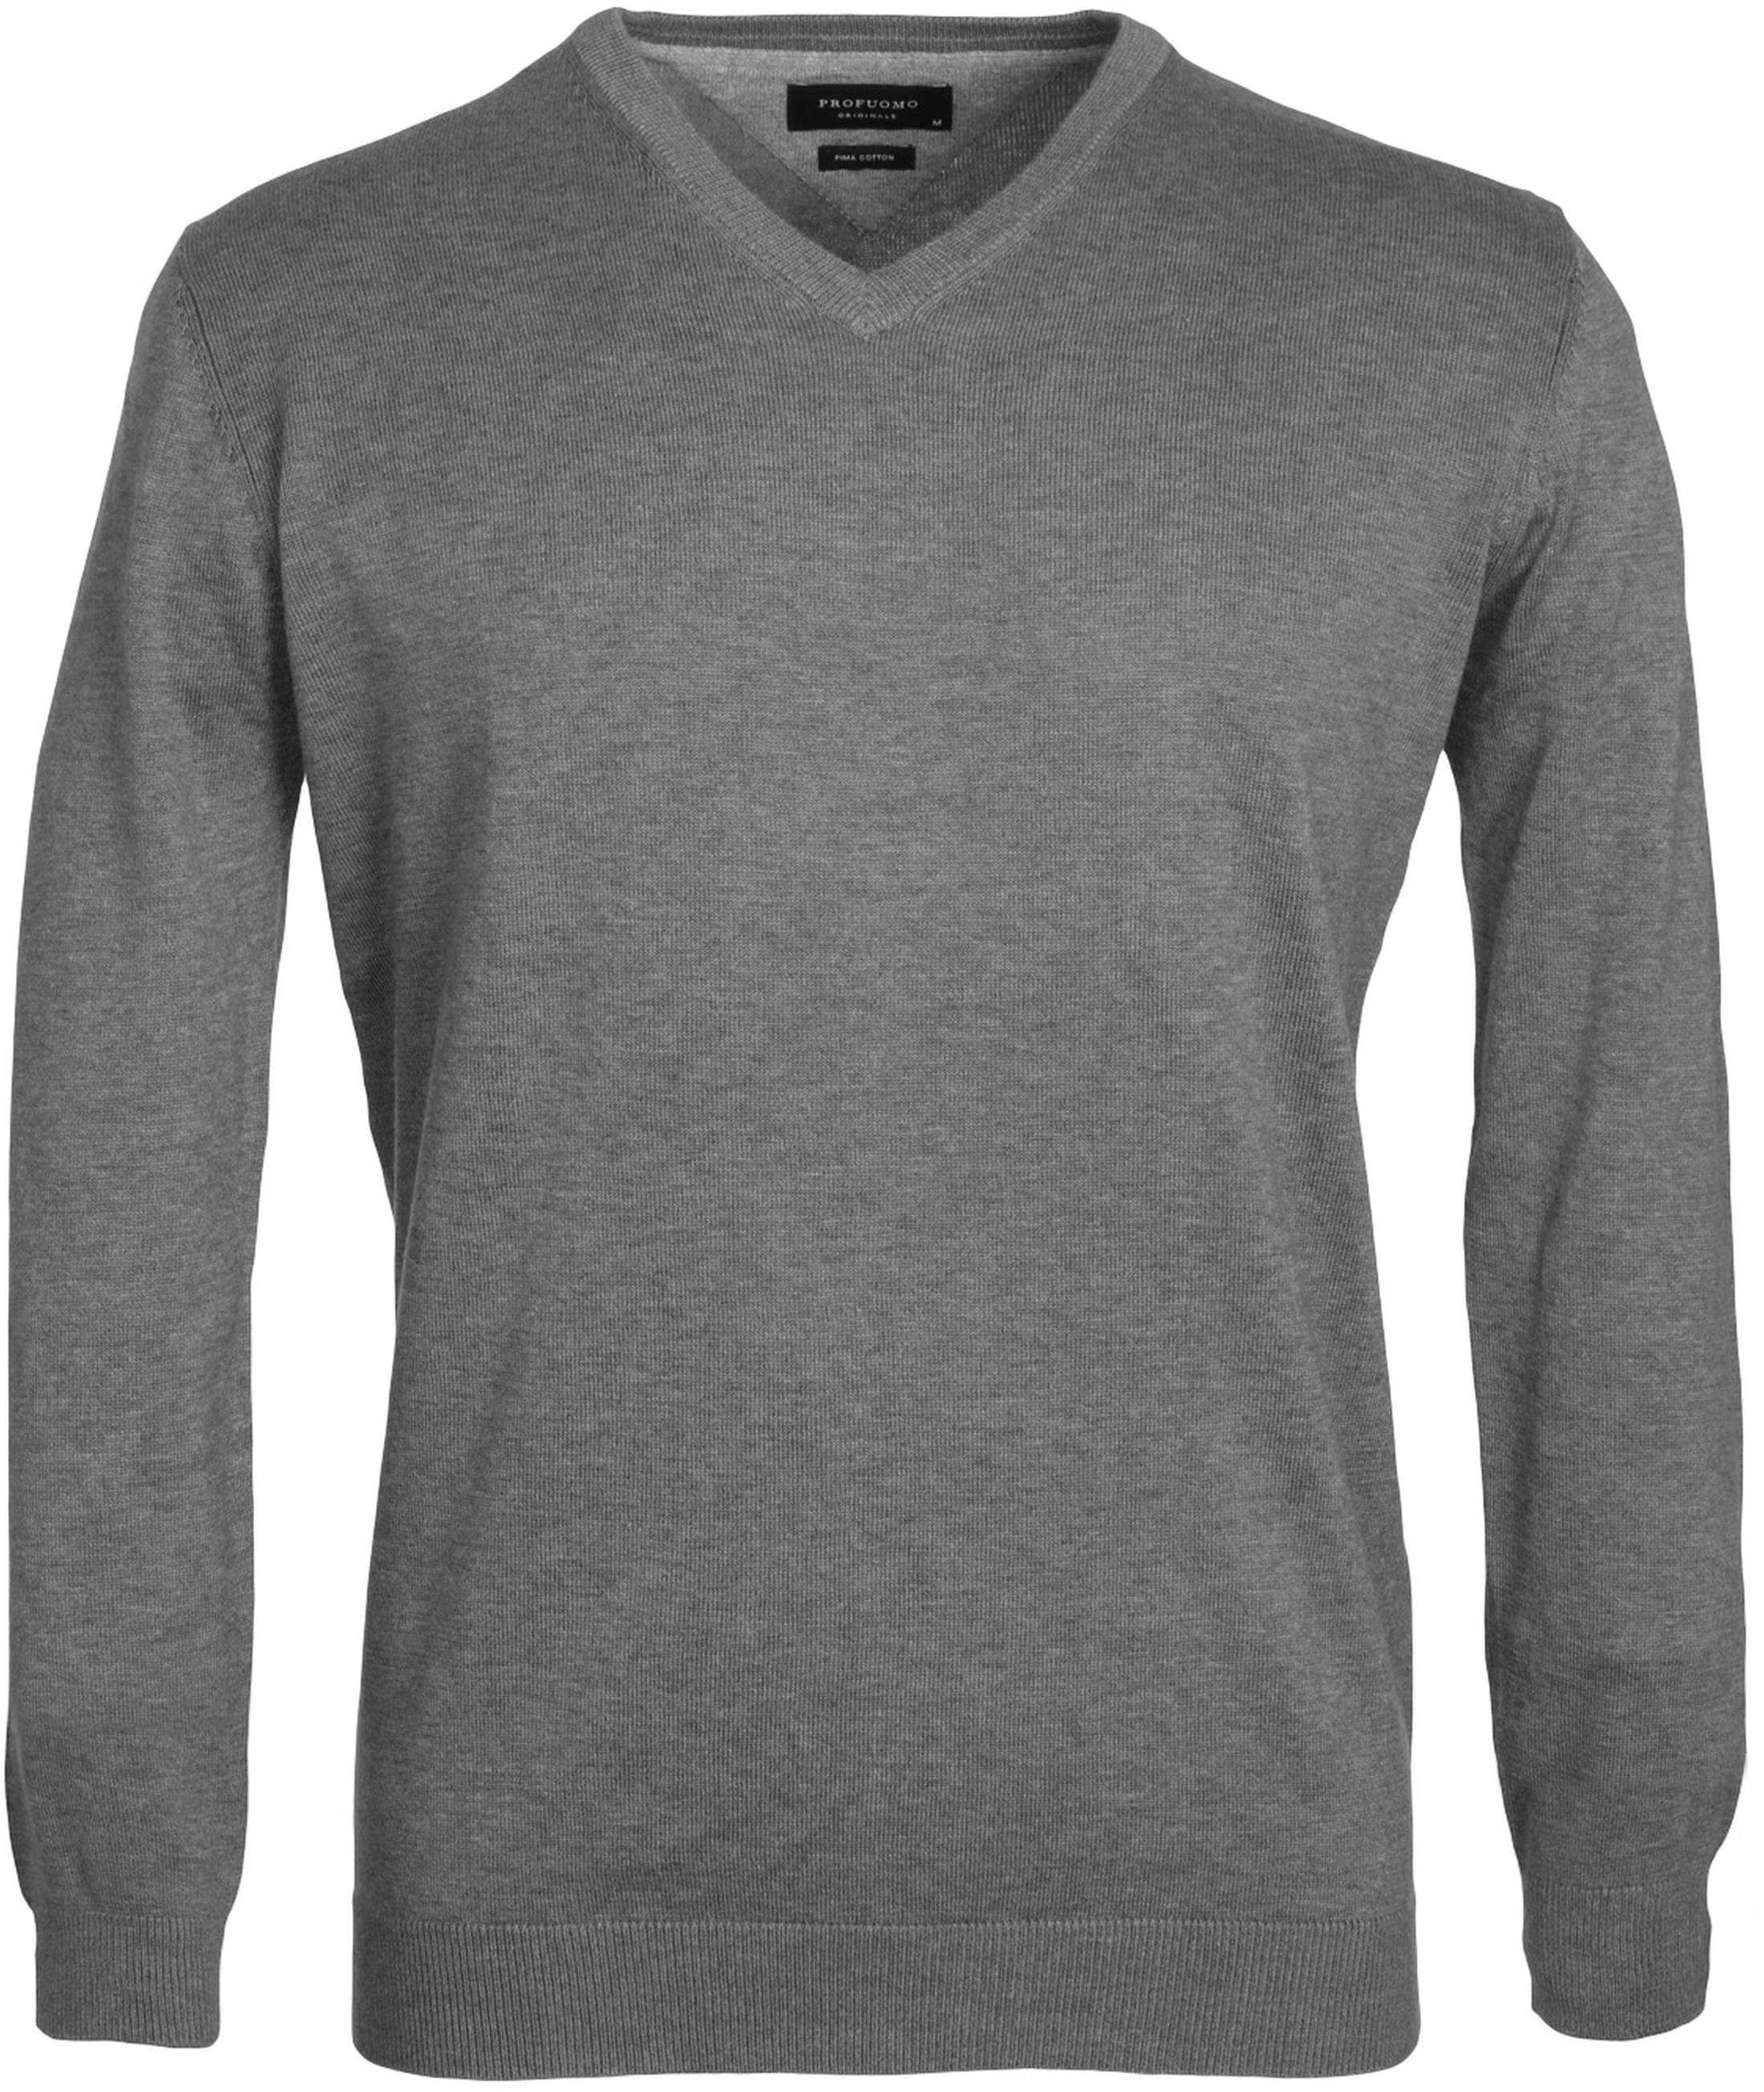 Profuomo Pullover V-Hals Grey foto 0